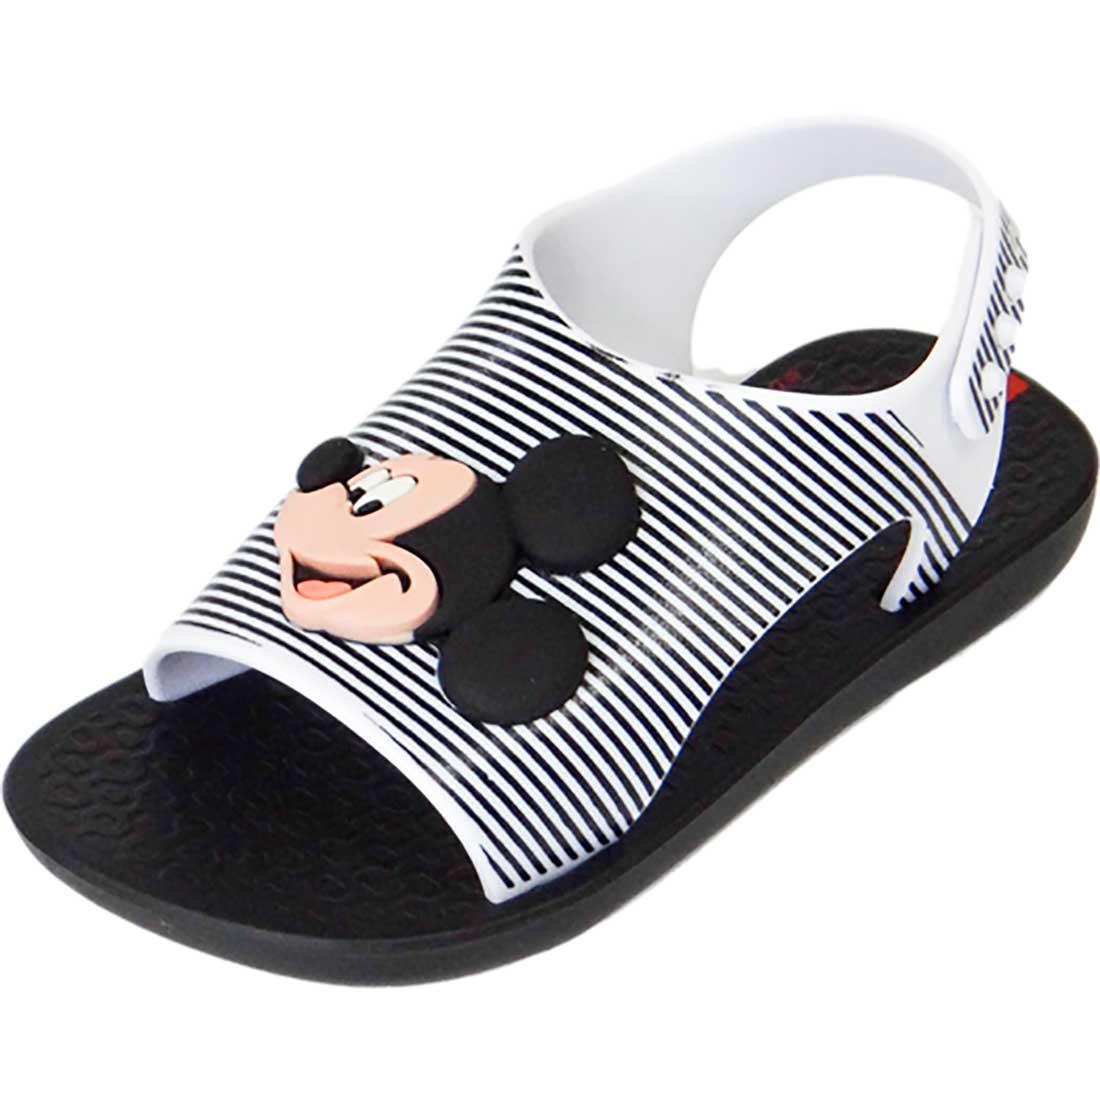 Sandália Baby Disney Mickey - Preto e Branco